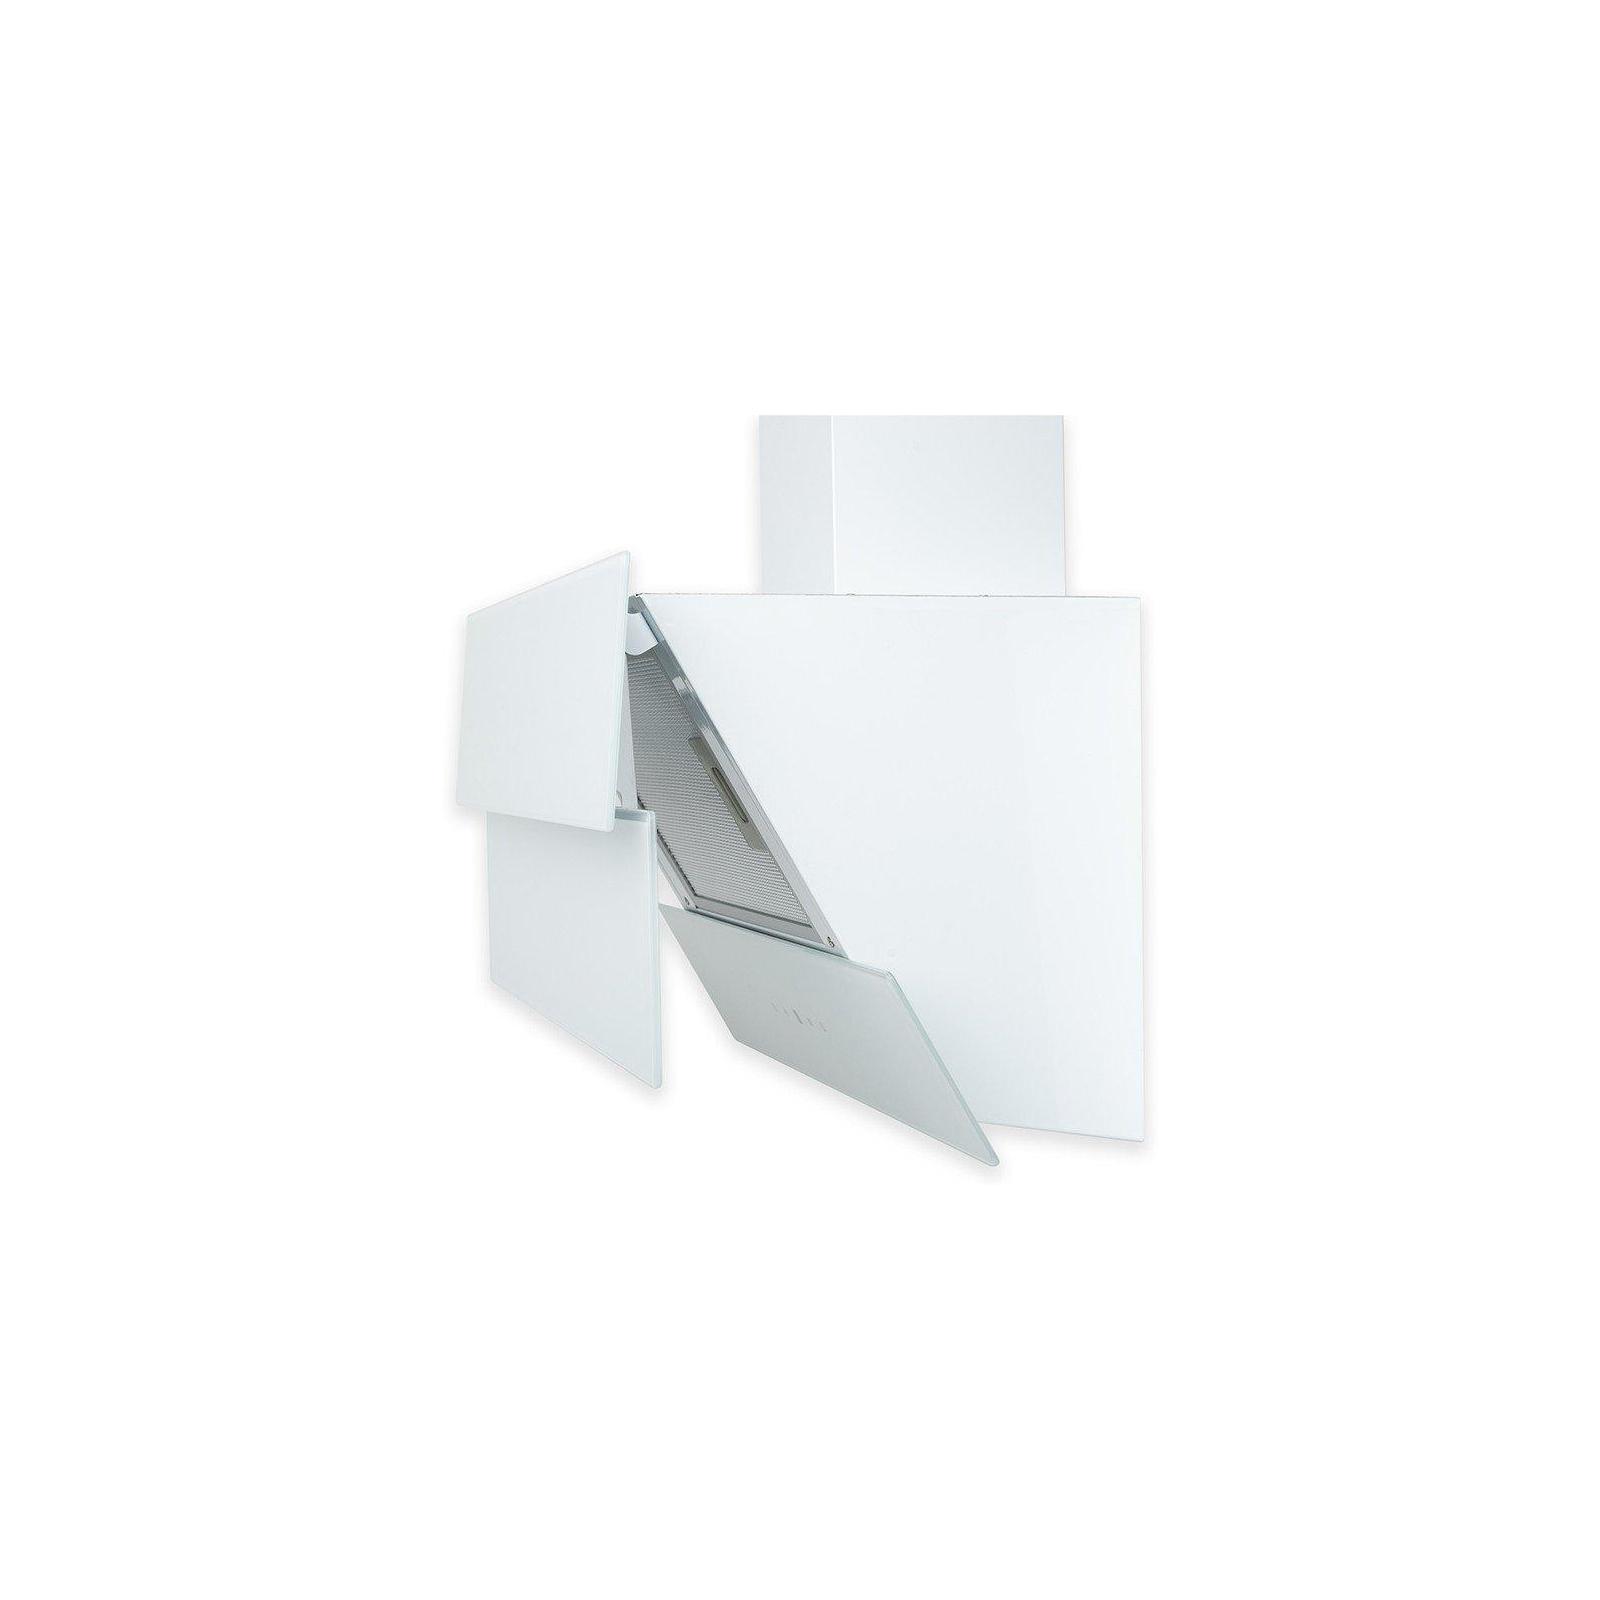 Вытяжка кухонная MINOLA HVS 6682 WH 1000 LED изображение 3